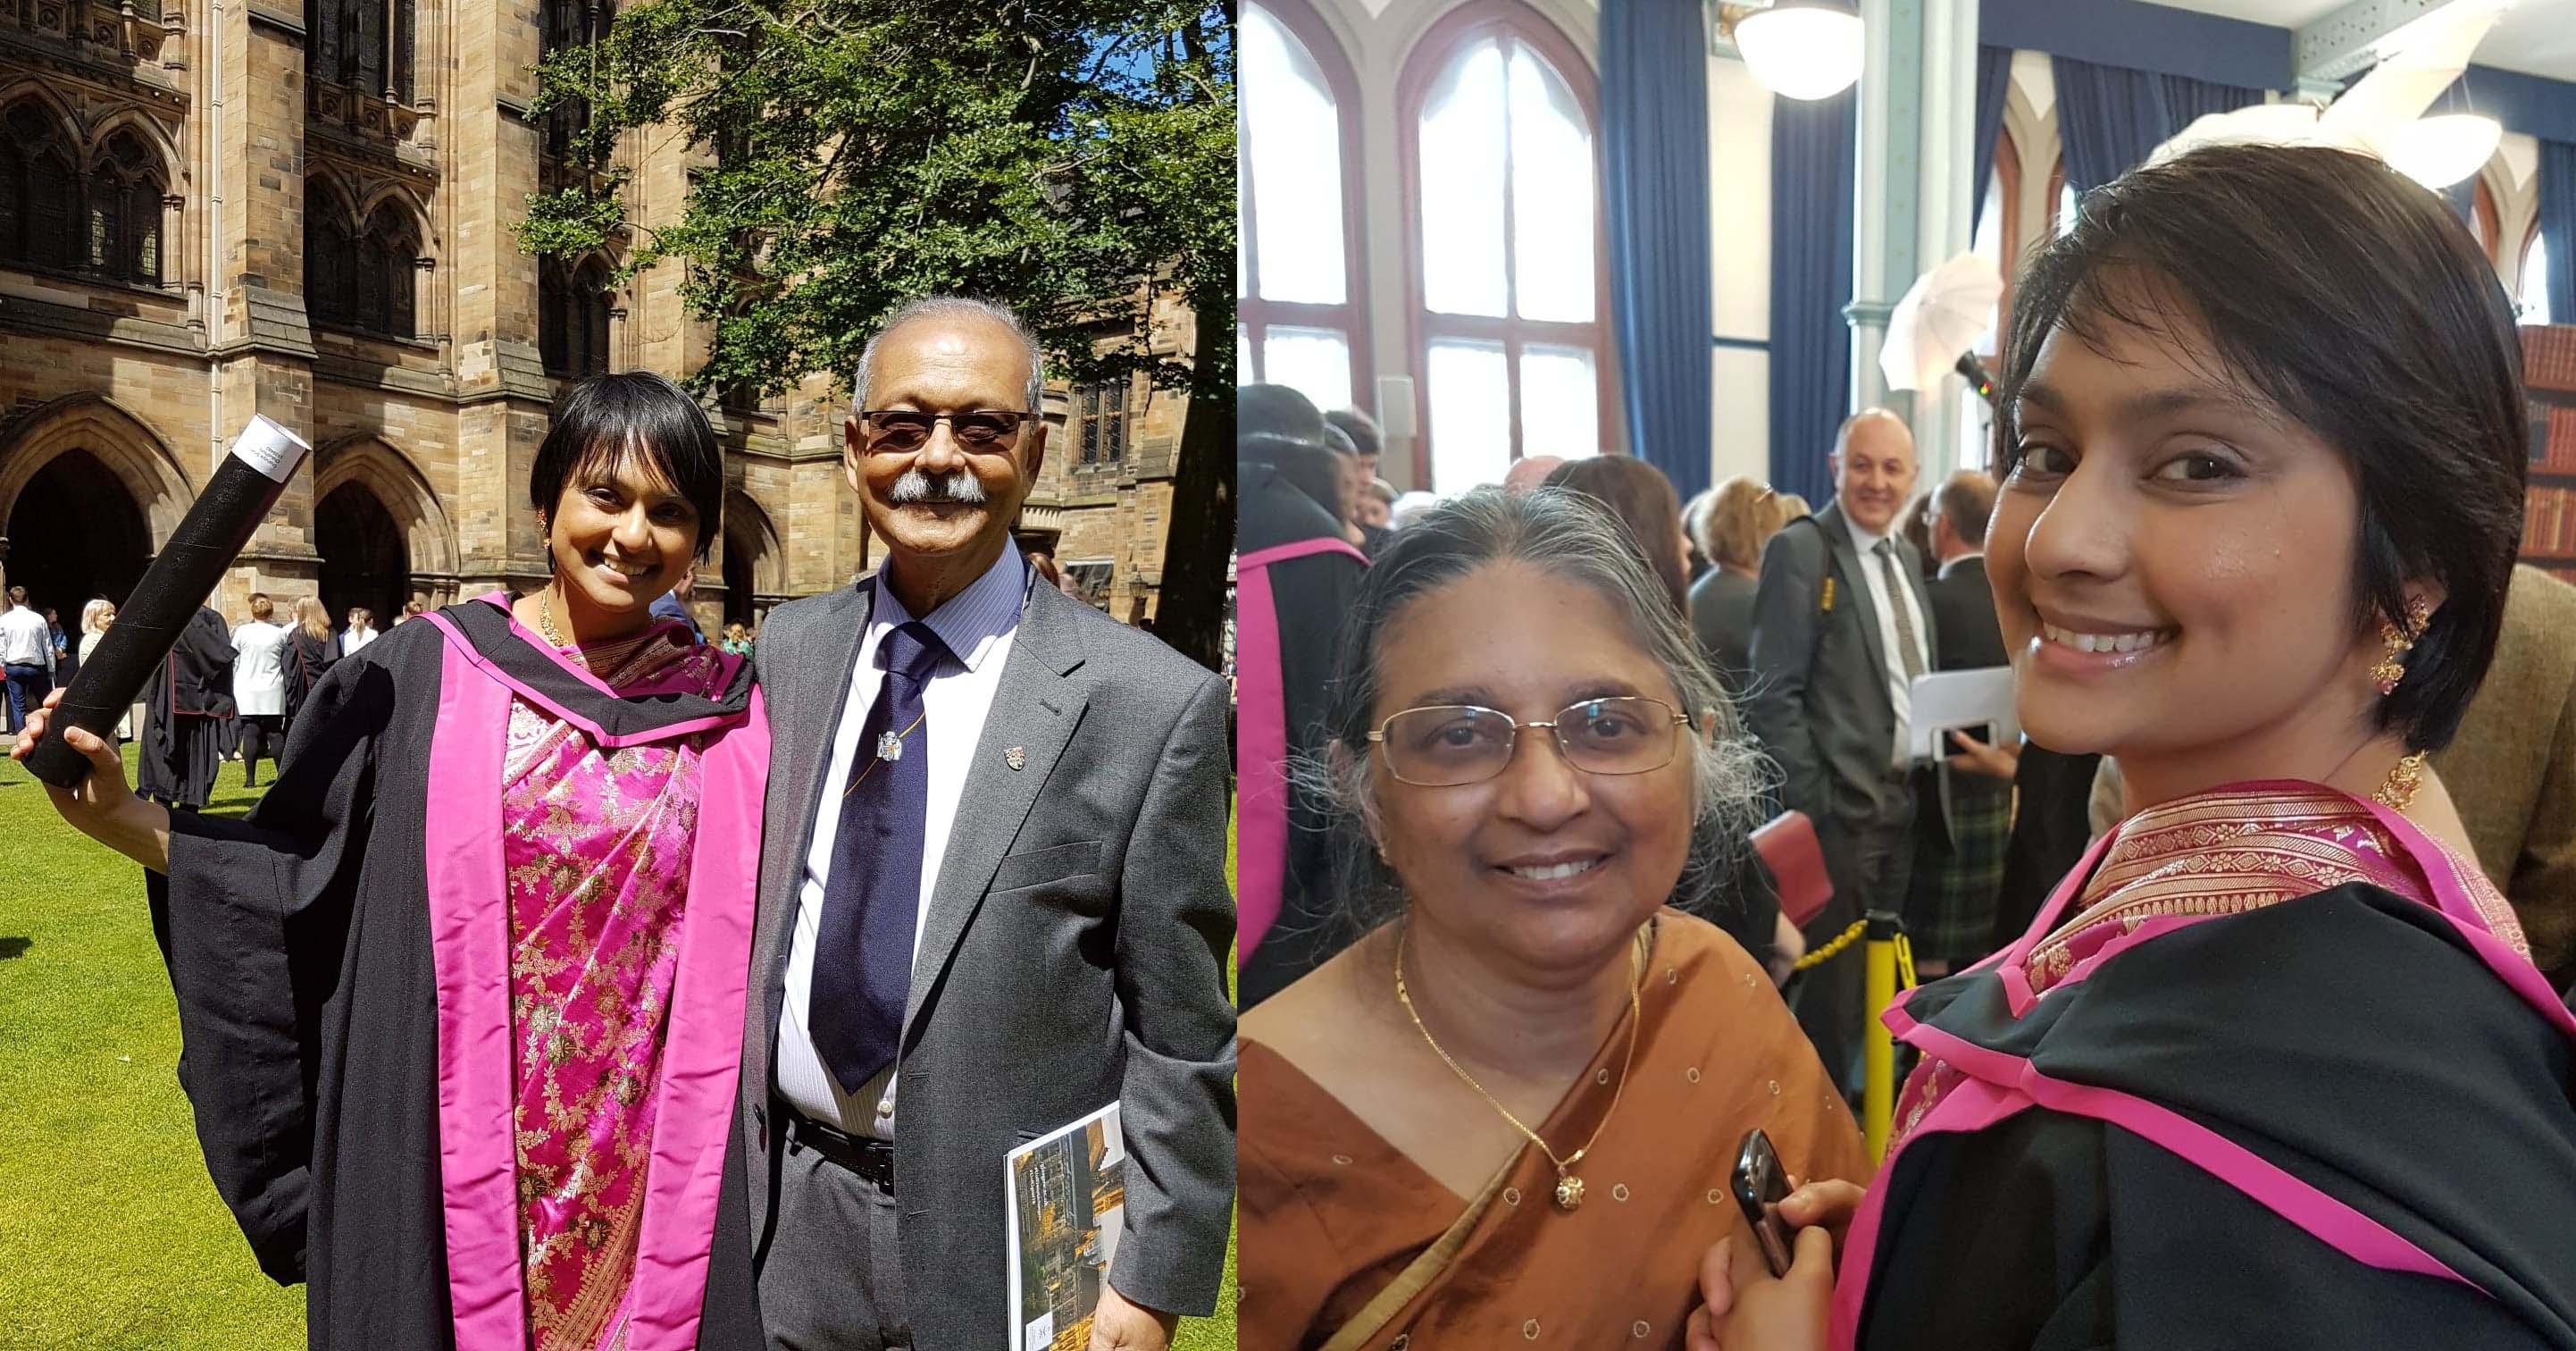 ক্যান্সার গবেষণায় চৌদ্দগ্রামের ডা.সাজিয়া শাহরিন চৌধুরীর পিএইচডি অর্জন